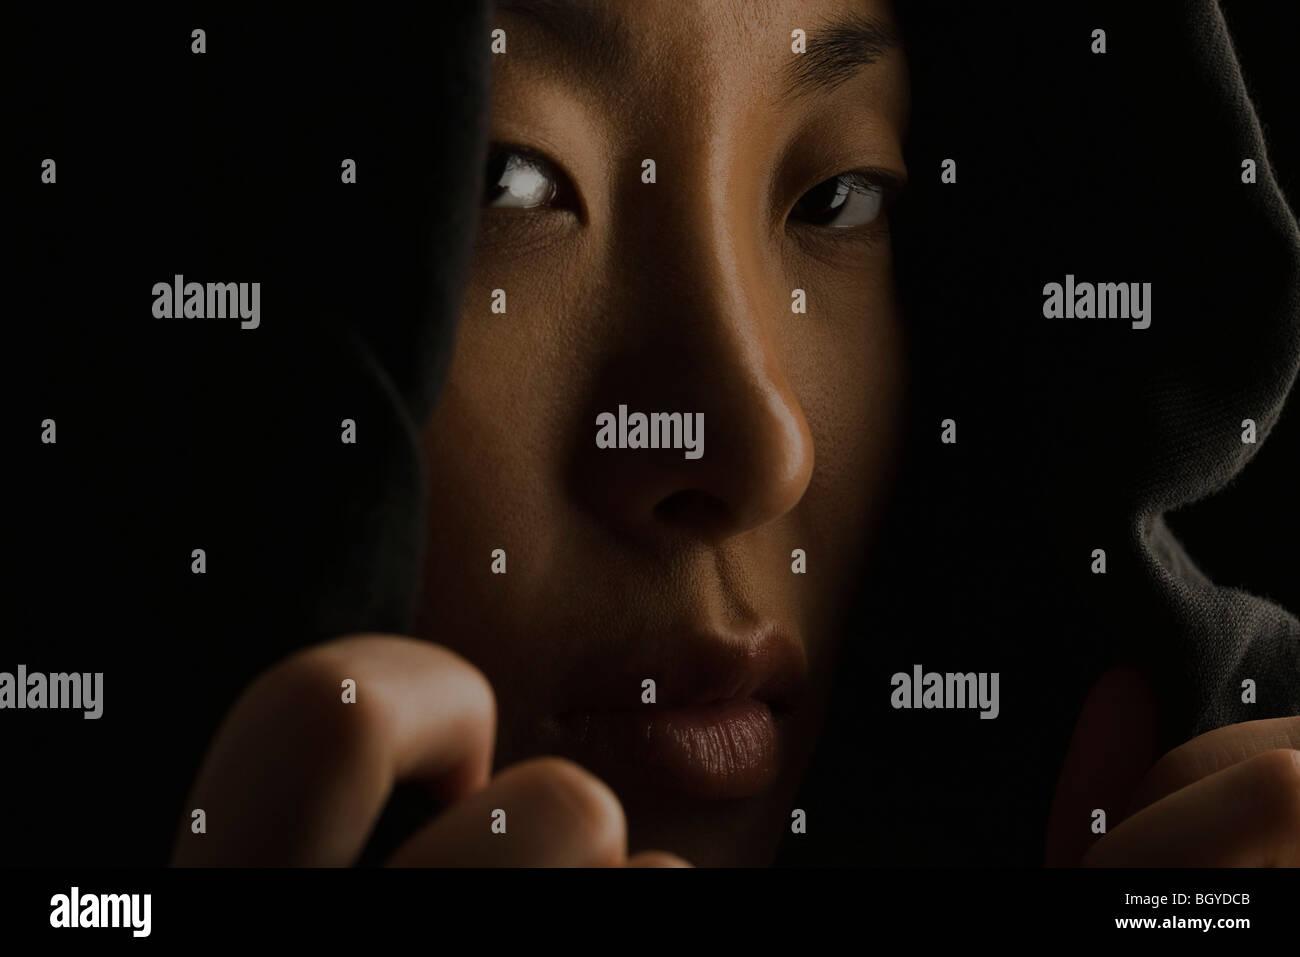 Mujer tirando bordes de cierre del capó, oscureciendo cara Imagen De Stock